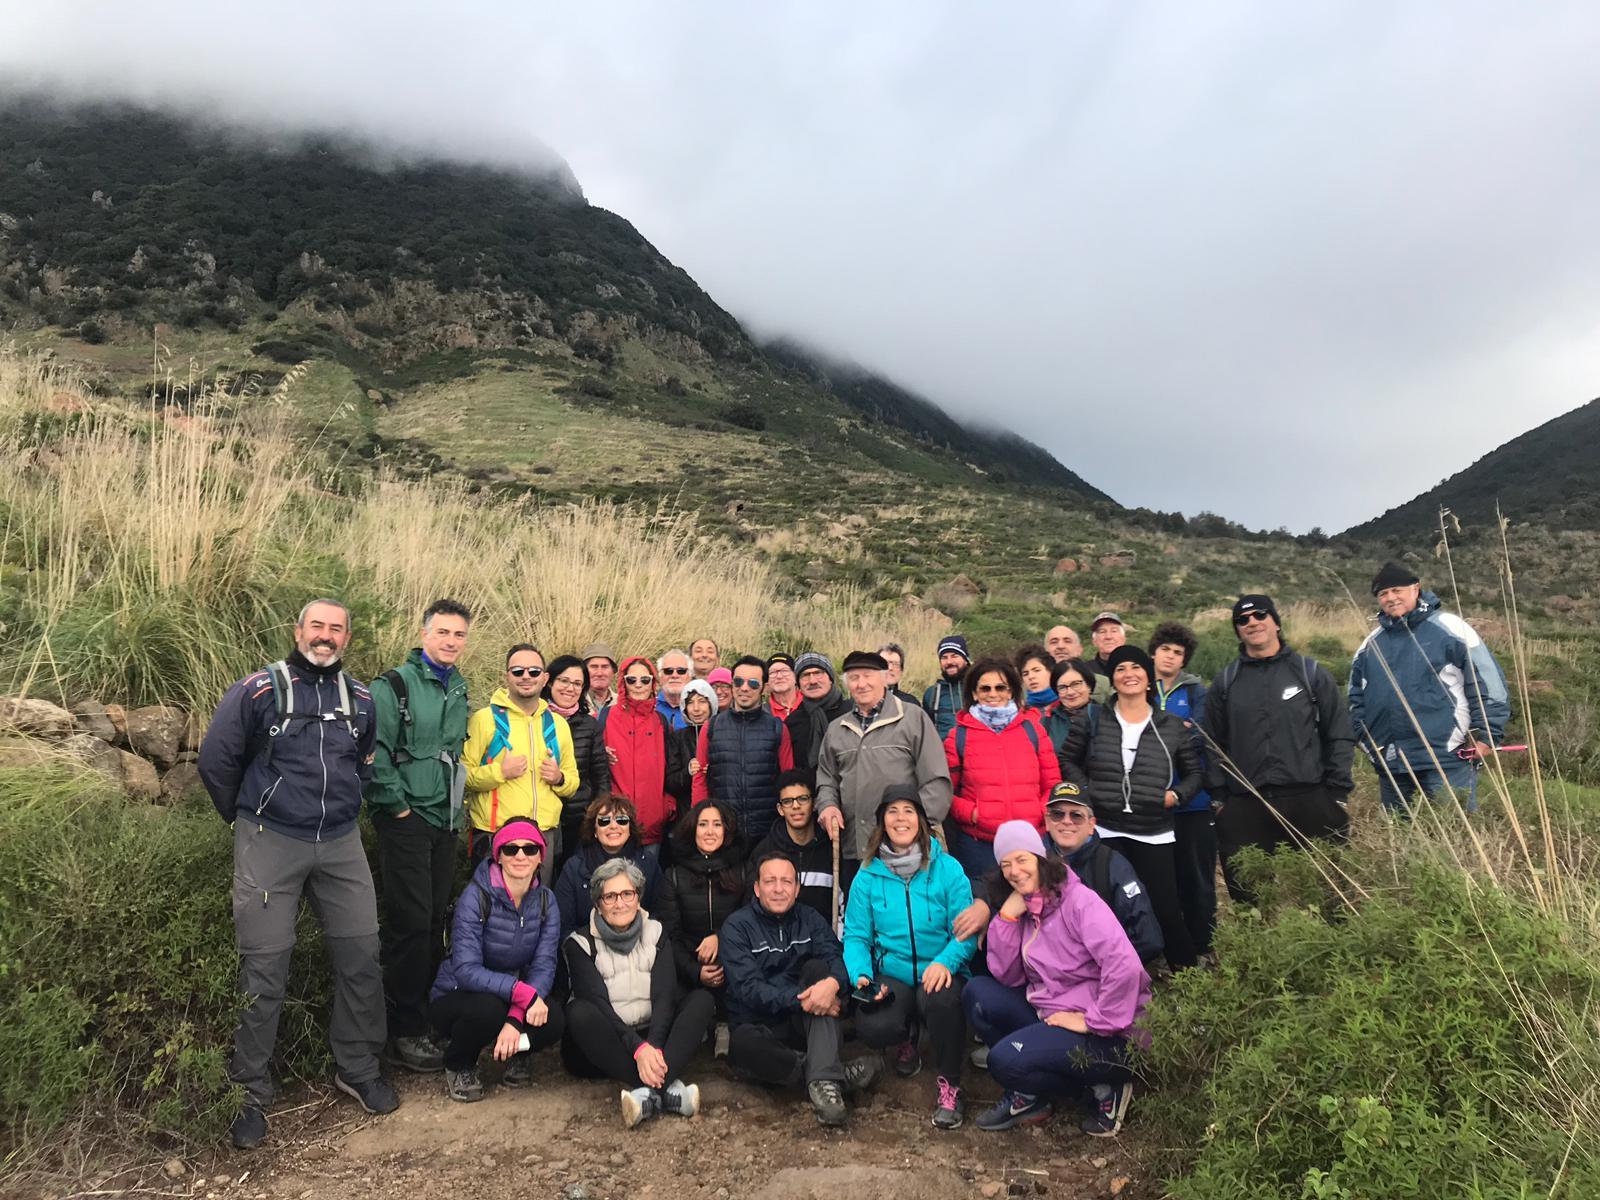 Foto di gruppo degli escursionisti